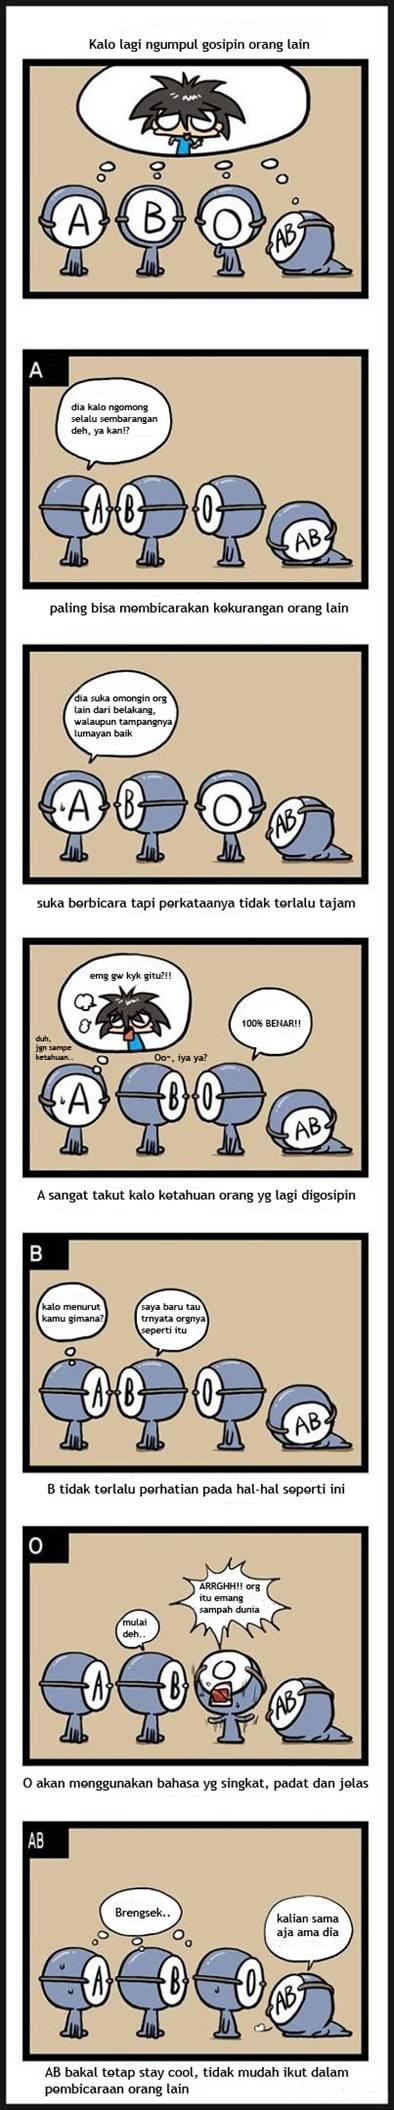 komik golongan darah 5